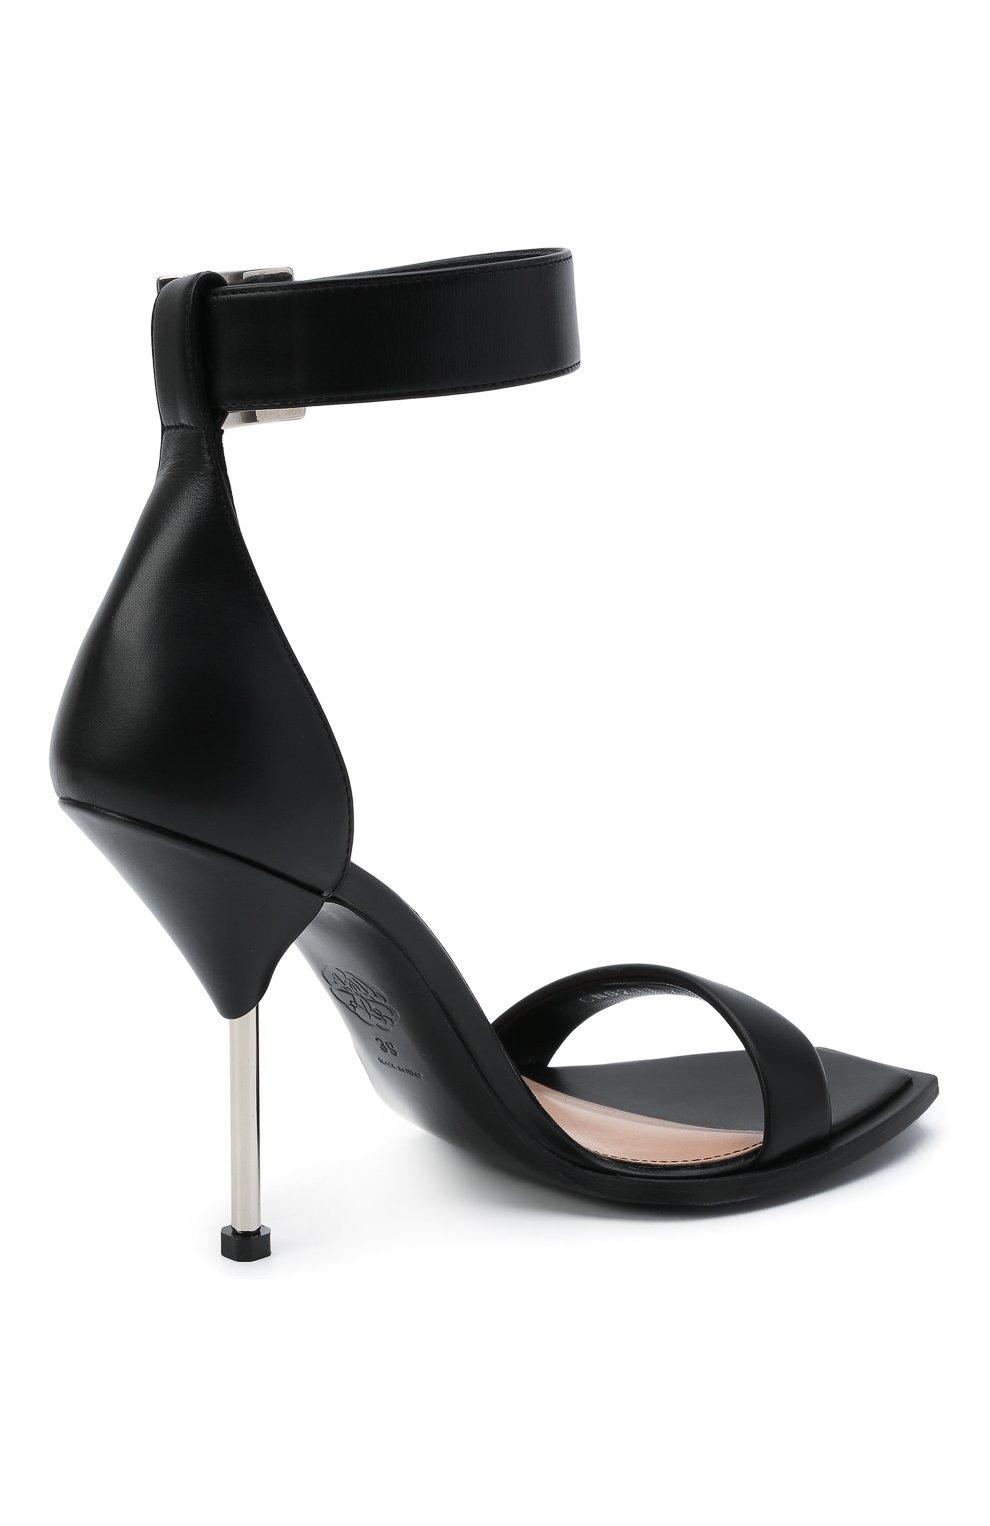 Женские кожаные босоножки ALEXANDER MCQUEEN черного цвета, арт. 651712/WHWQ1 | Фото 4 (Каблук высота: Высокий; Материал внутренний: Натуральная кожа; Каблук тип: Шпилька; Подошва: Плоская)